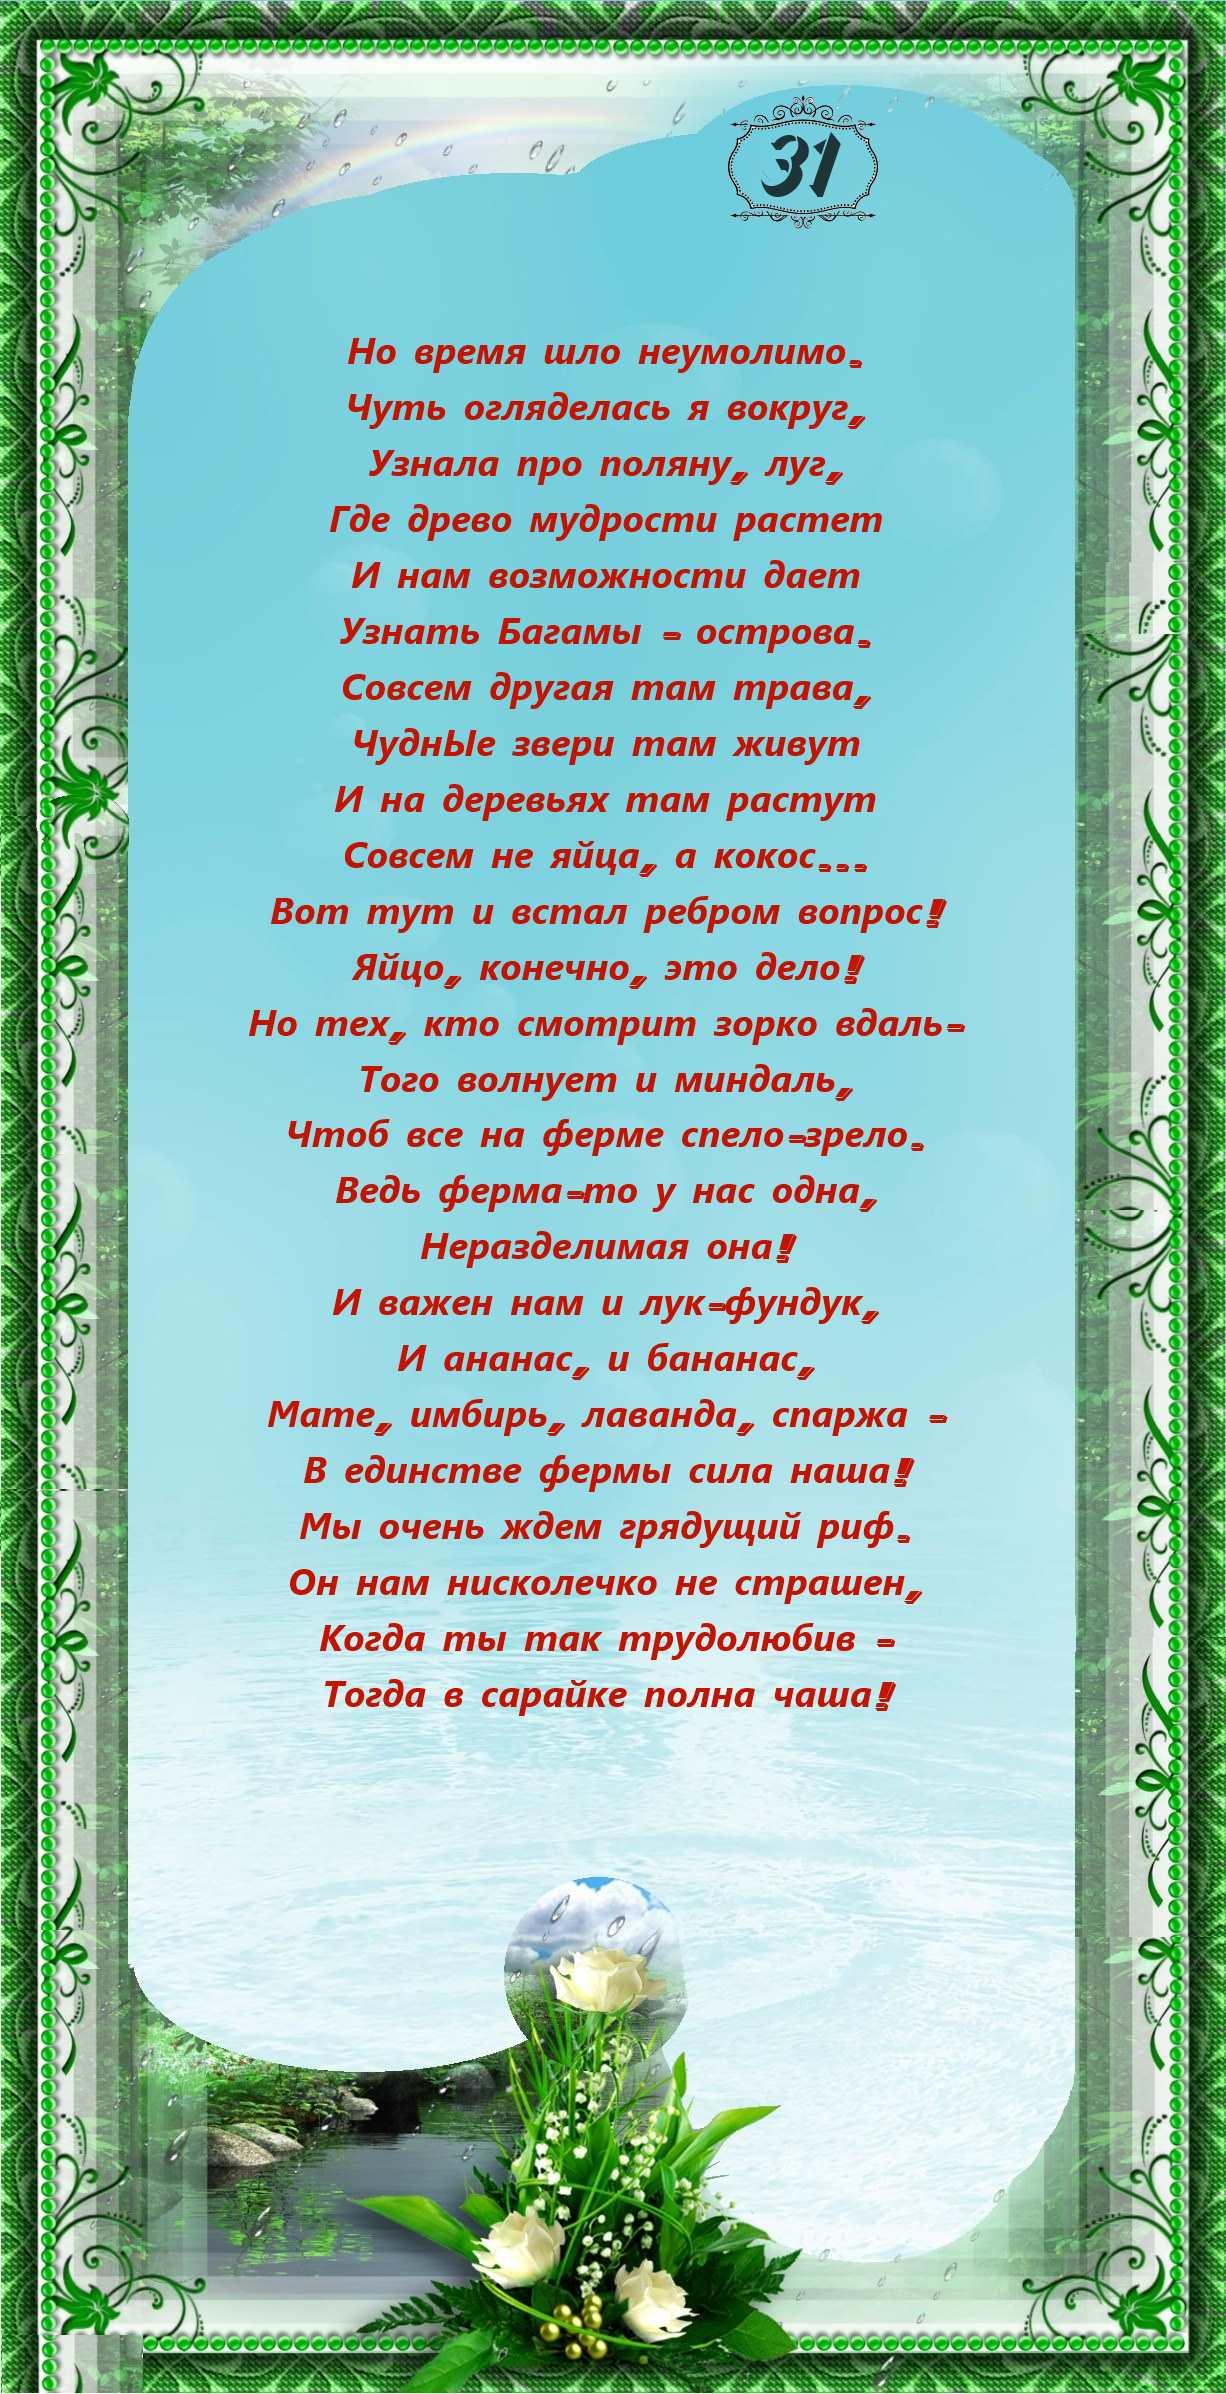 Стихи-ответ от бельчары (стр. 31).jpg